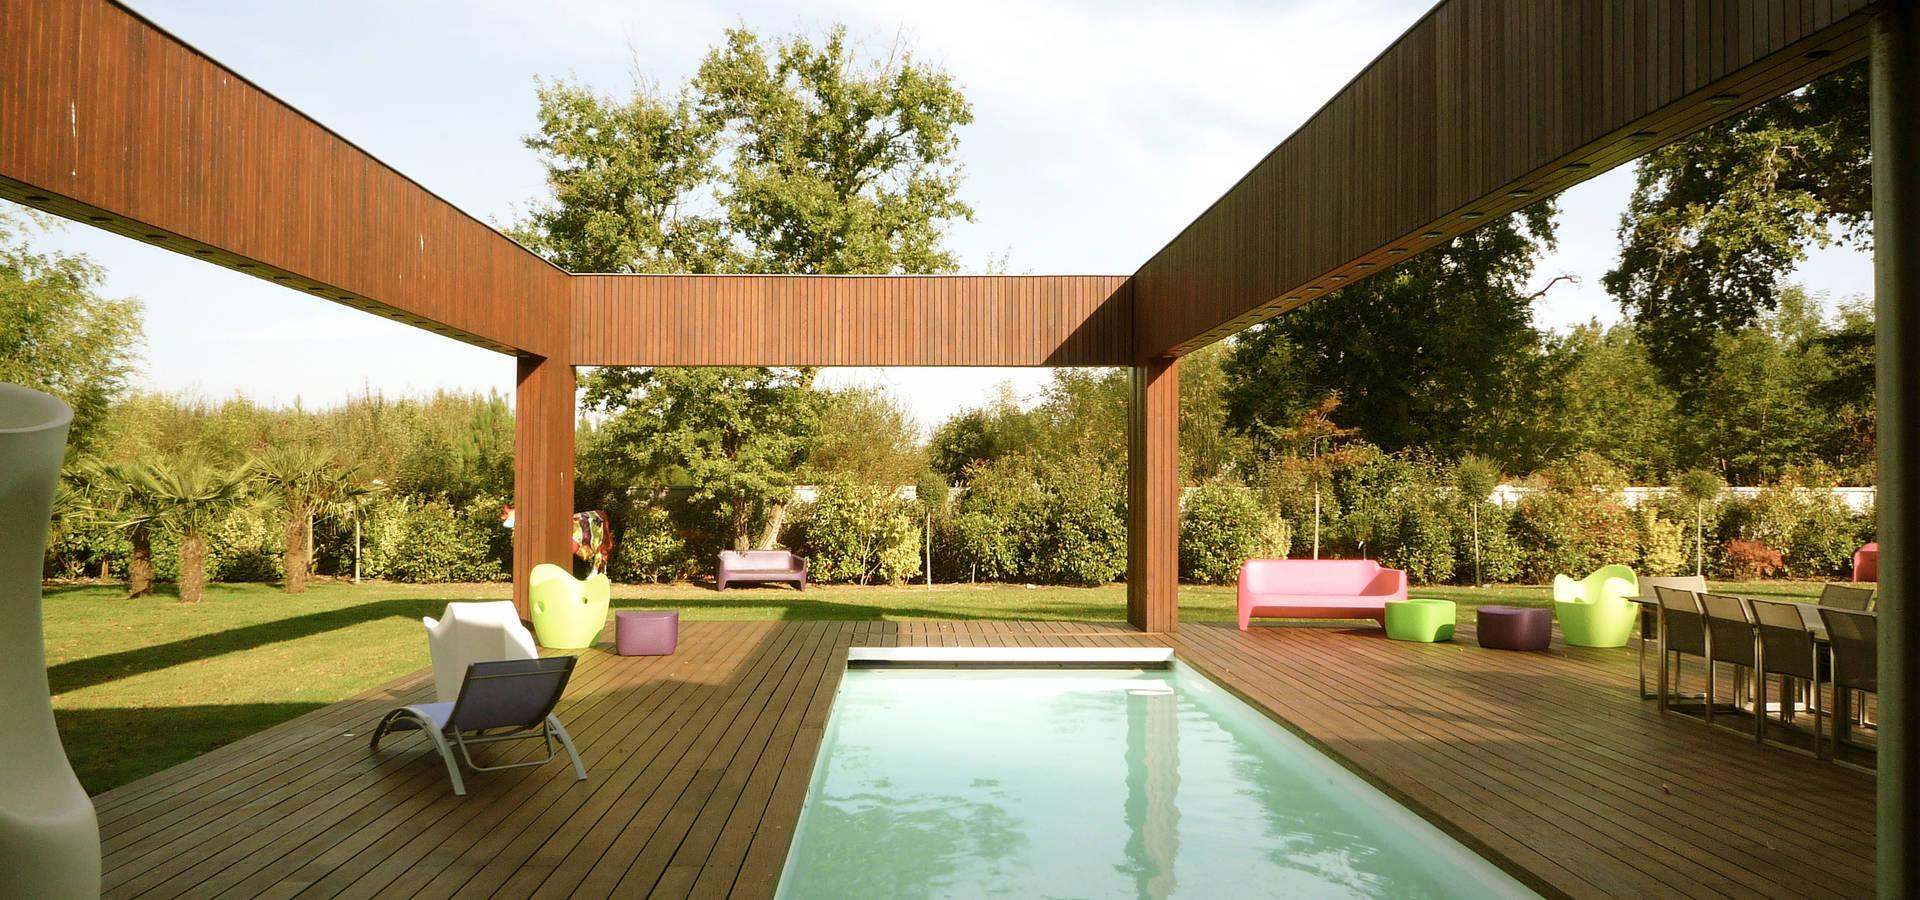 BAM – Bureau d'Architecture Modeste